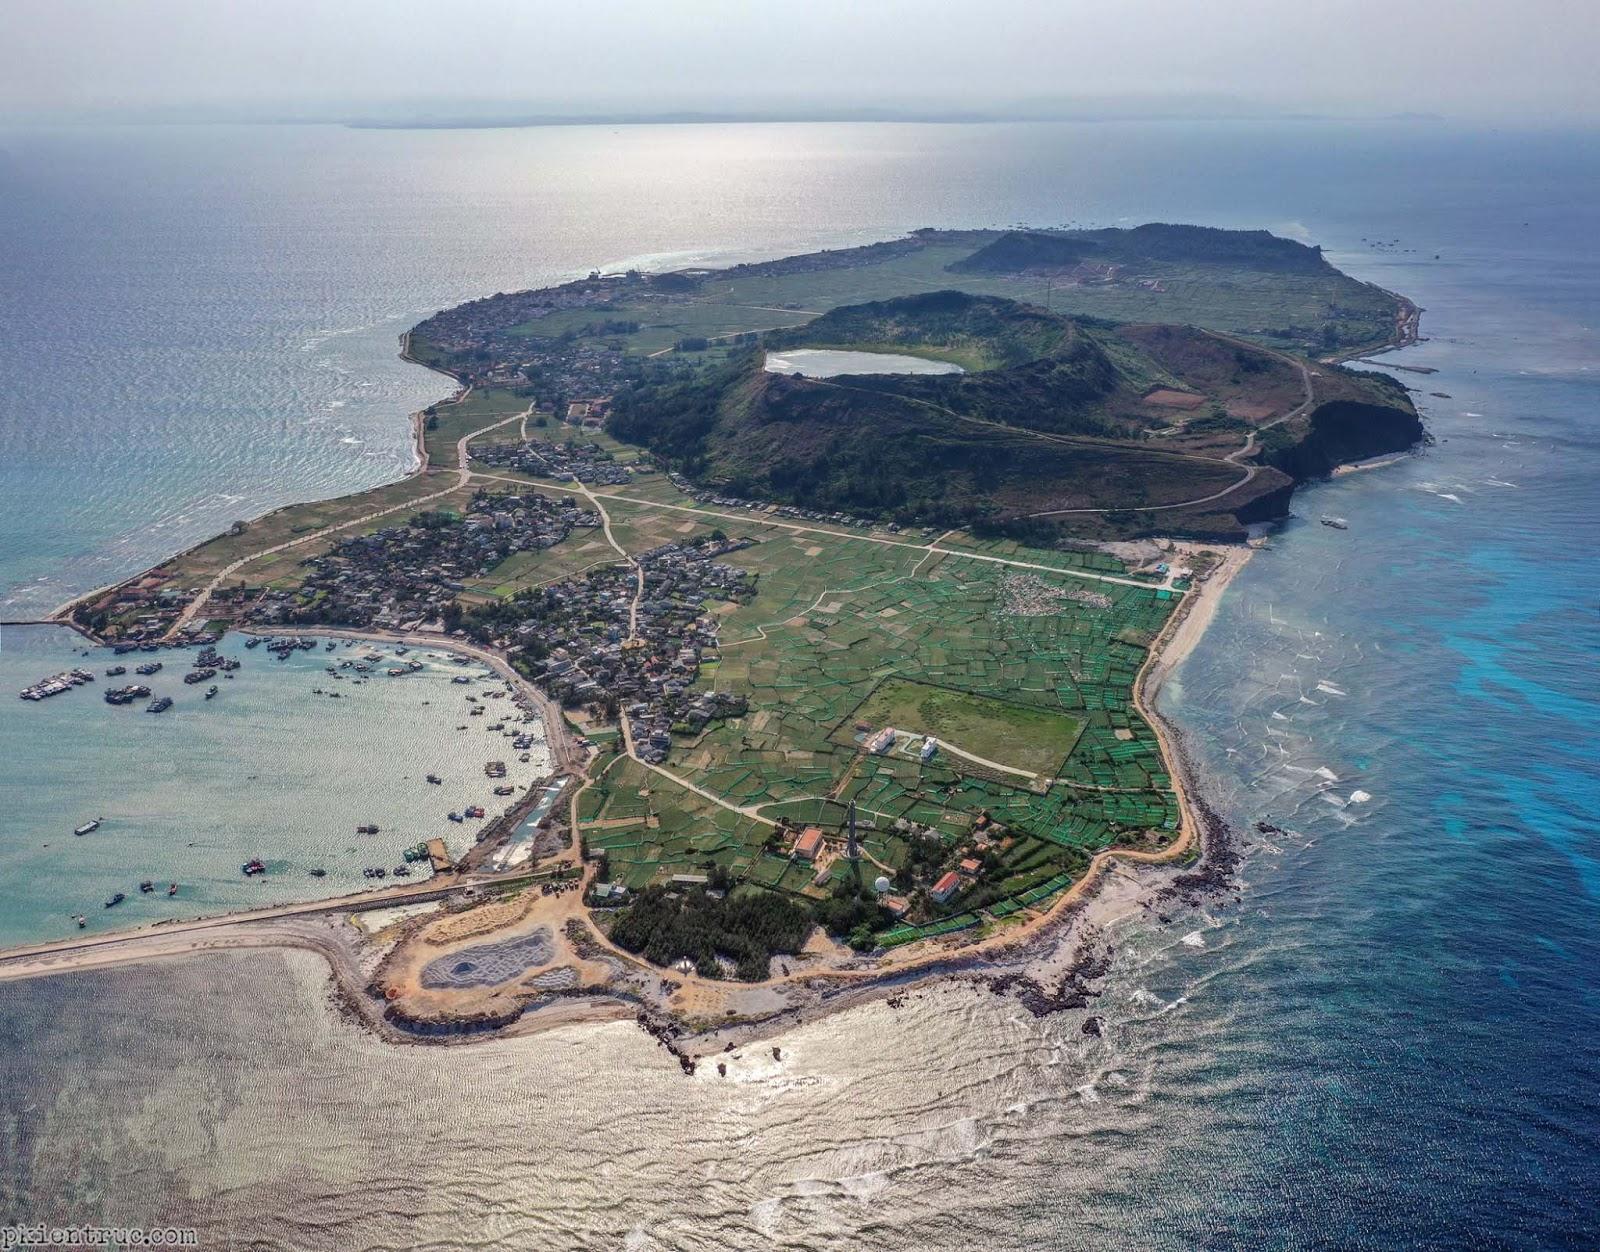 Hình chụp toàn cảnh đảo Lý Sơn